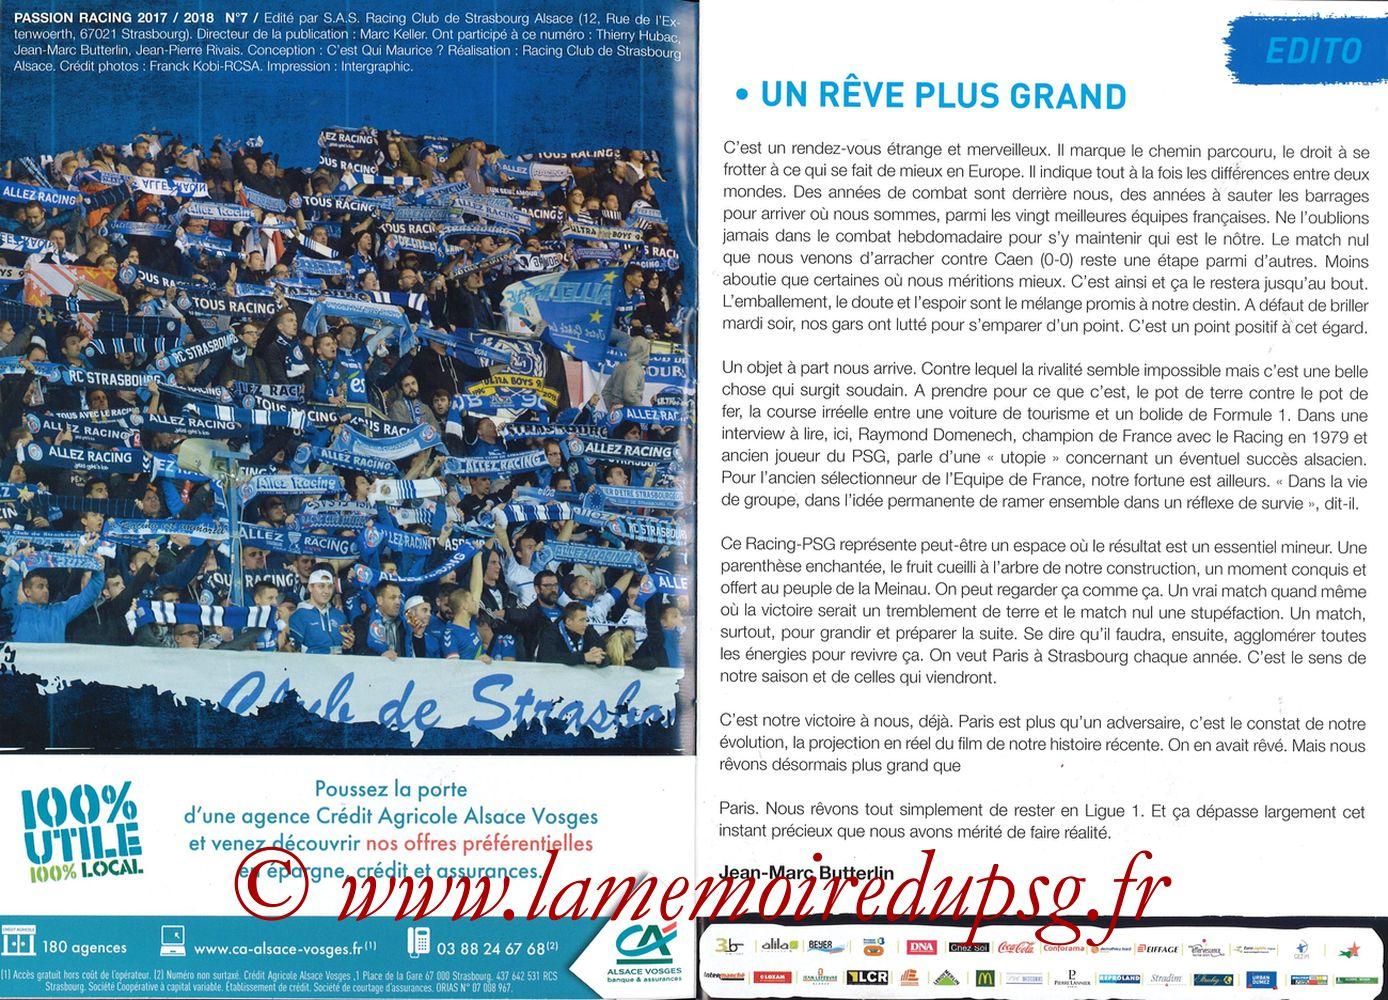 2017-12-02  Strasbourg-PSG (16ème L1, Passion Racing N°7) - Pages 04 et 05